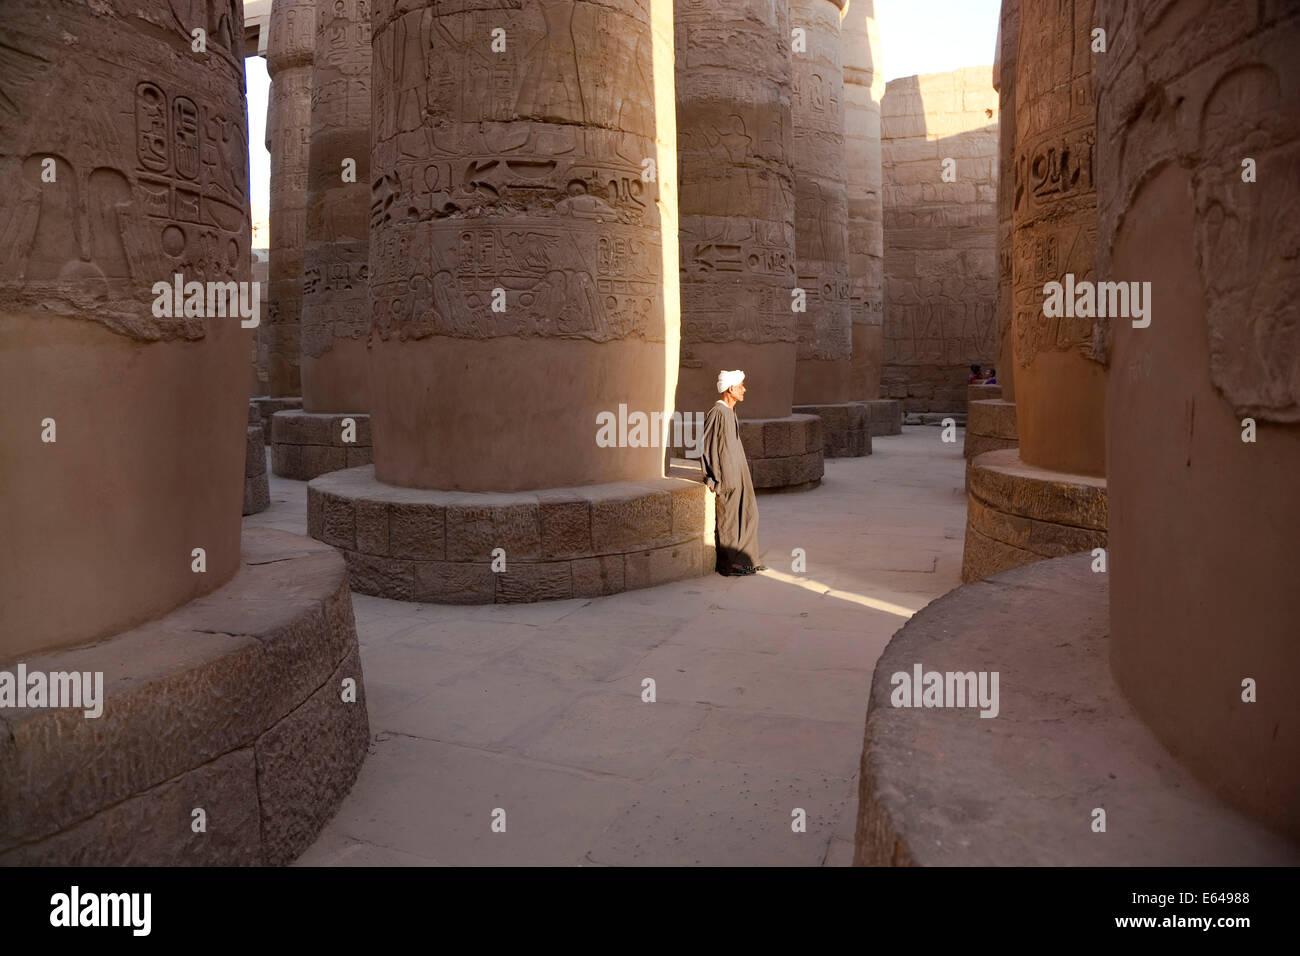 Egipto, Luxor y Karnak, el Gran Templo de Amón, gran sala hipóstila salen. Hombre con traje tradicional. Imagen De Stock